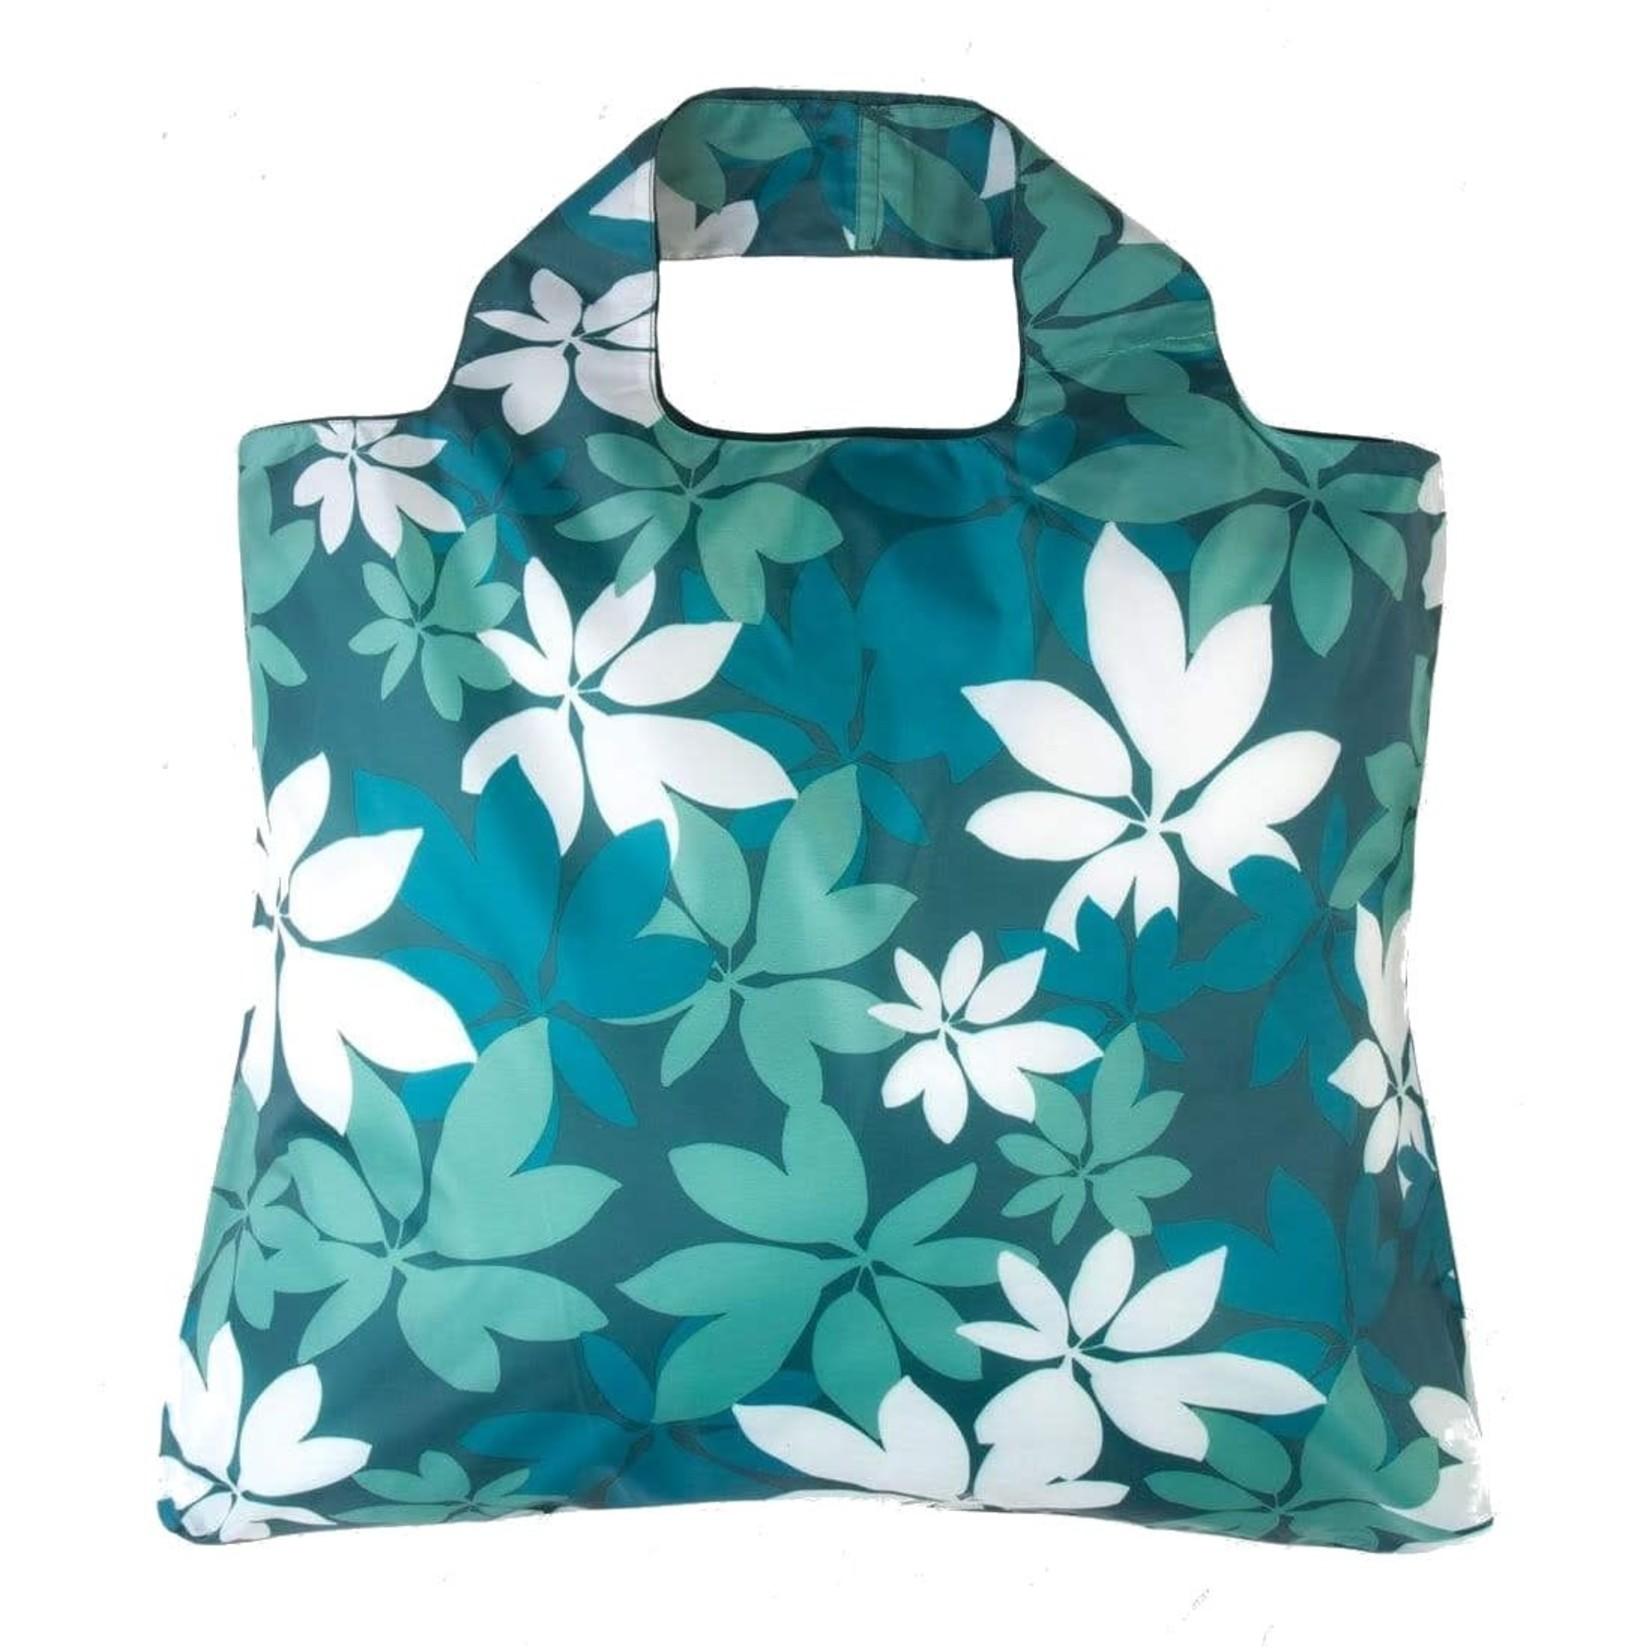 Envirosax Envirosax Botanica Bag: